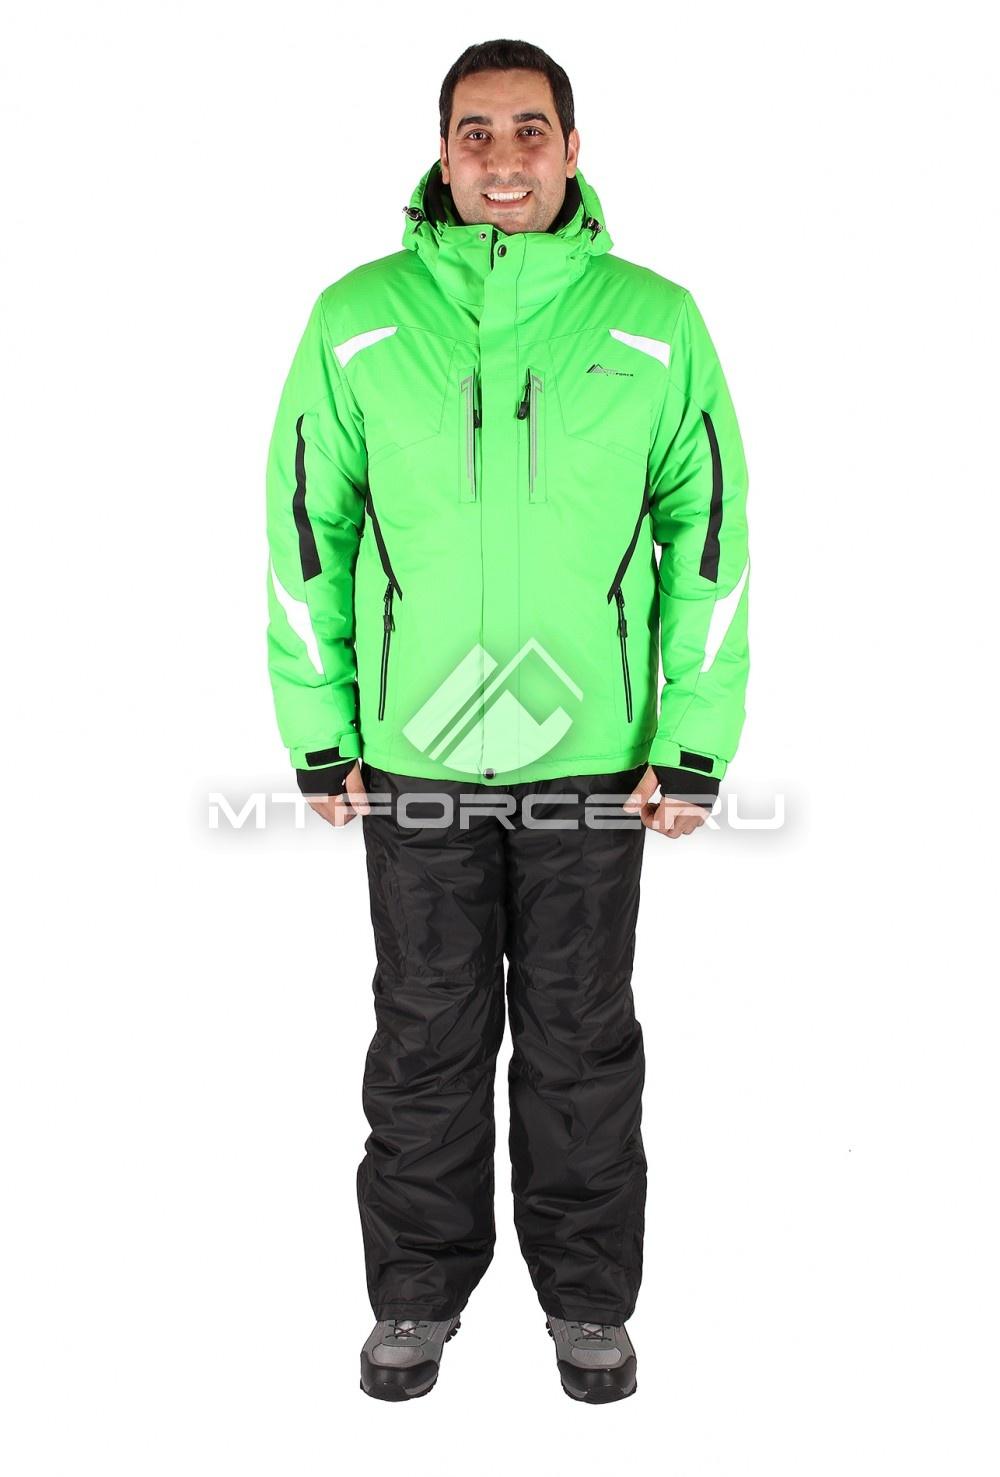 Купить                                  оптом Костюм горнолыжный мужской зеленого цвета 014106Z